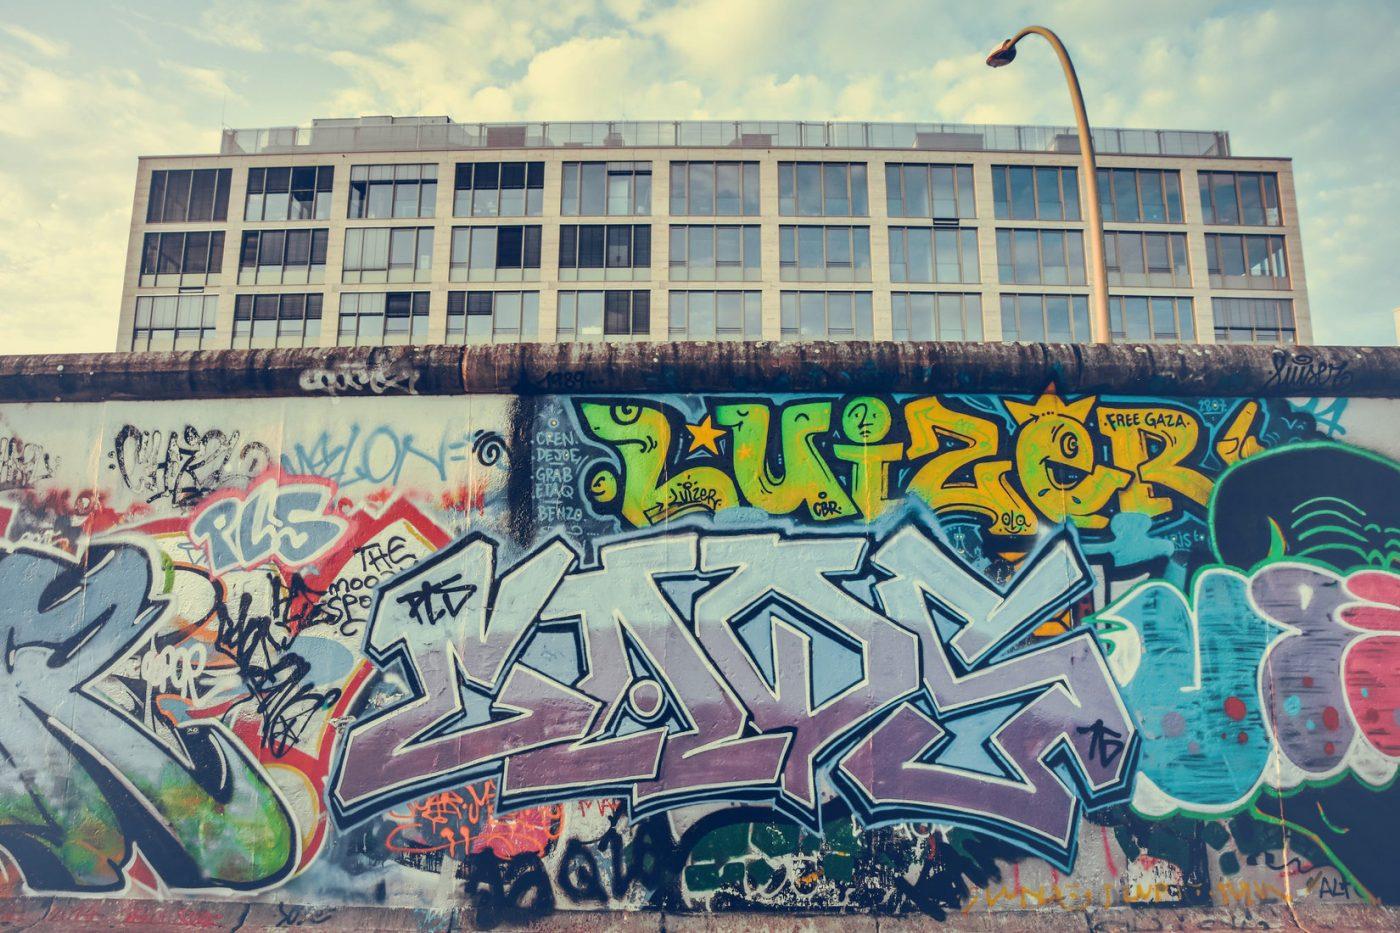 Ein Stück der Berliner Mauer, das mit Graffiti besprüht ist.